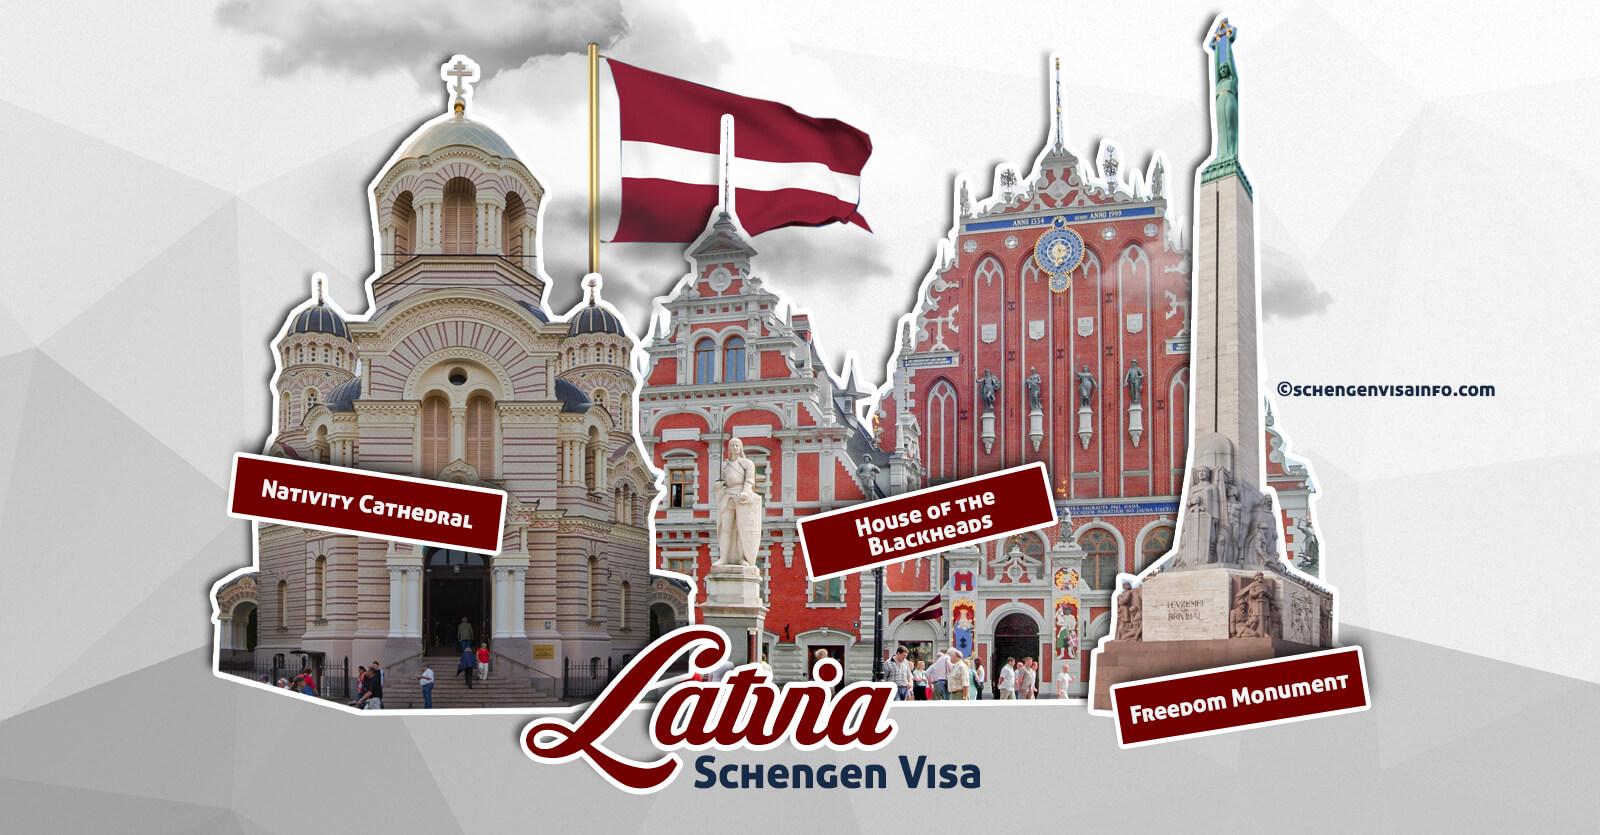 denmark schengen visa application cover letter sample - Covering Letter For Schengen Visa Denmark